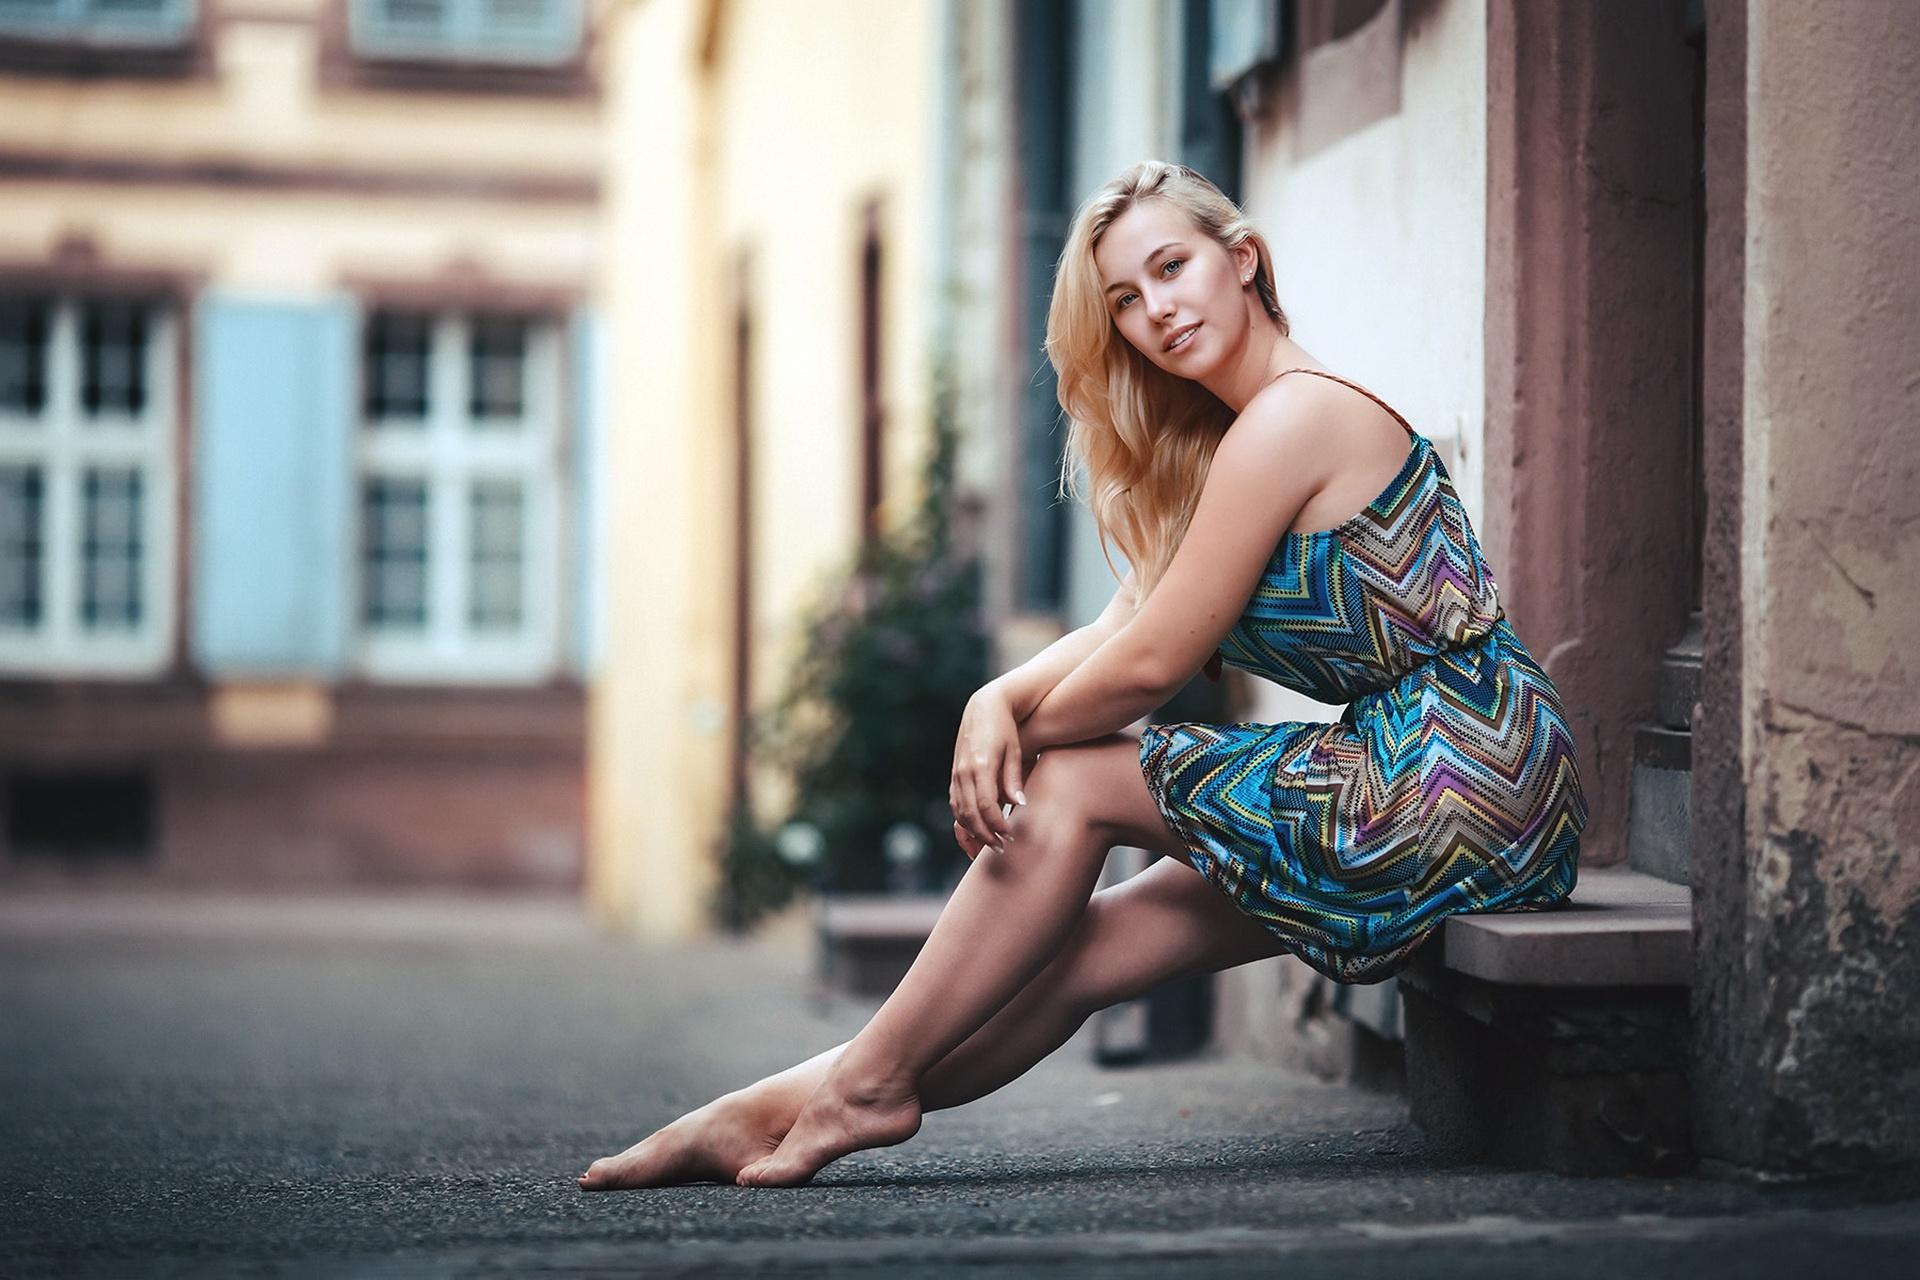 Девушки с красивыми ногами на улице — 3